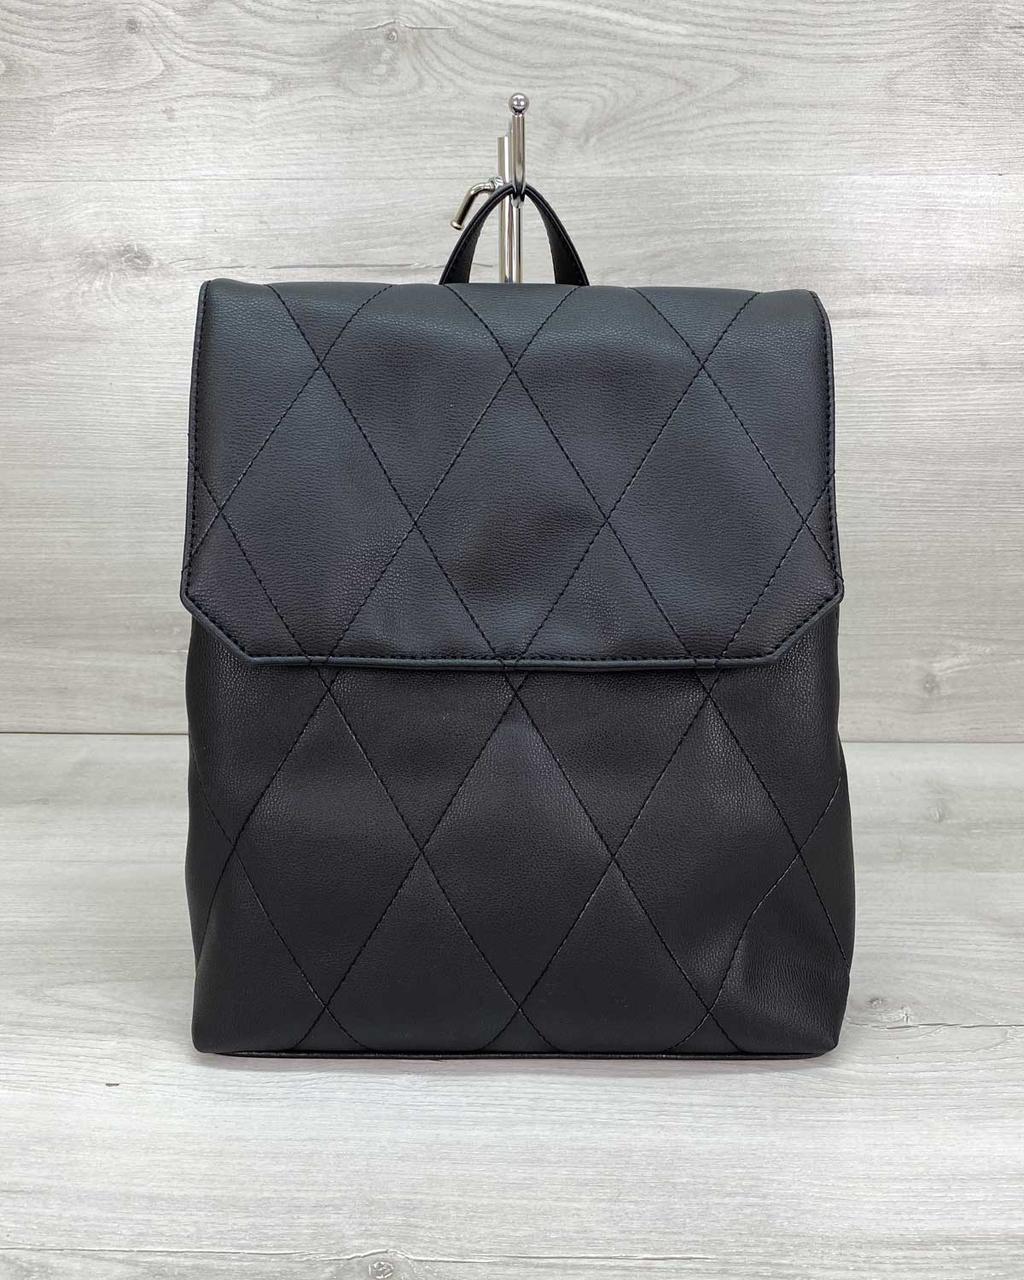 Стильный молодежный сумка-рюкзак женский городской повседневный Стеганый черный